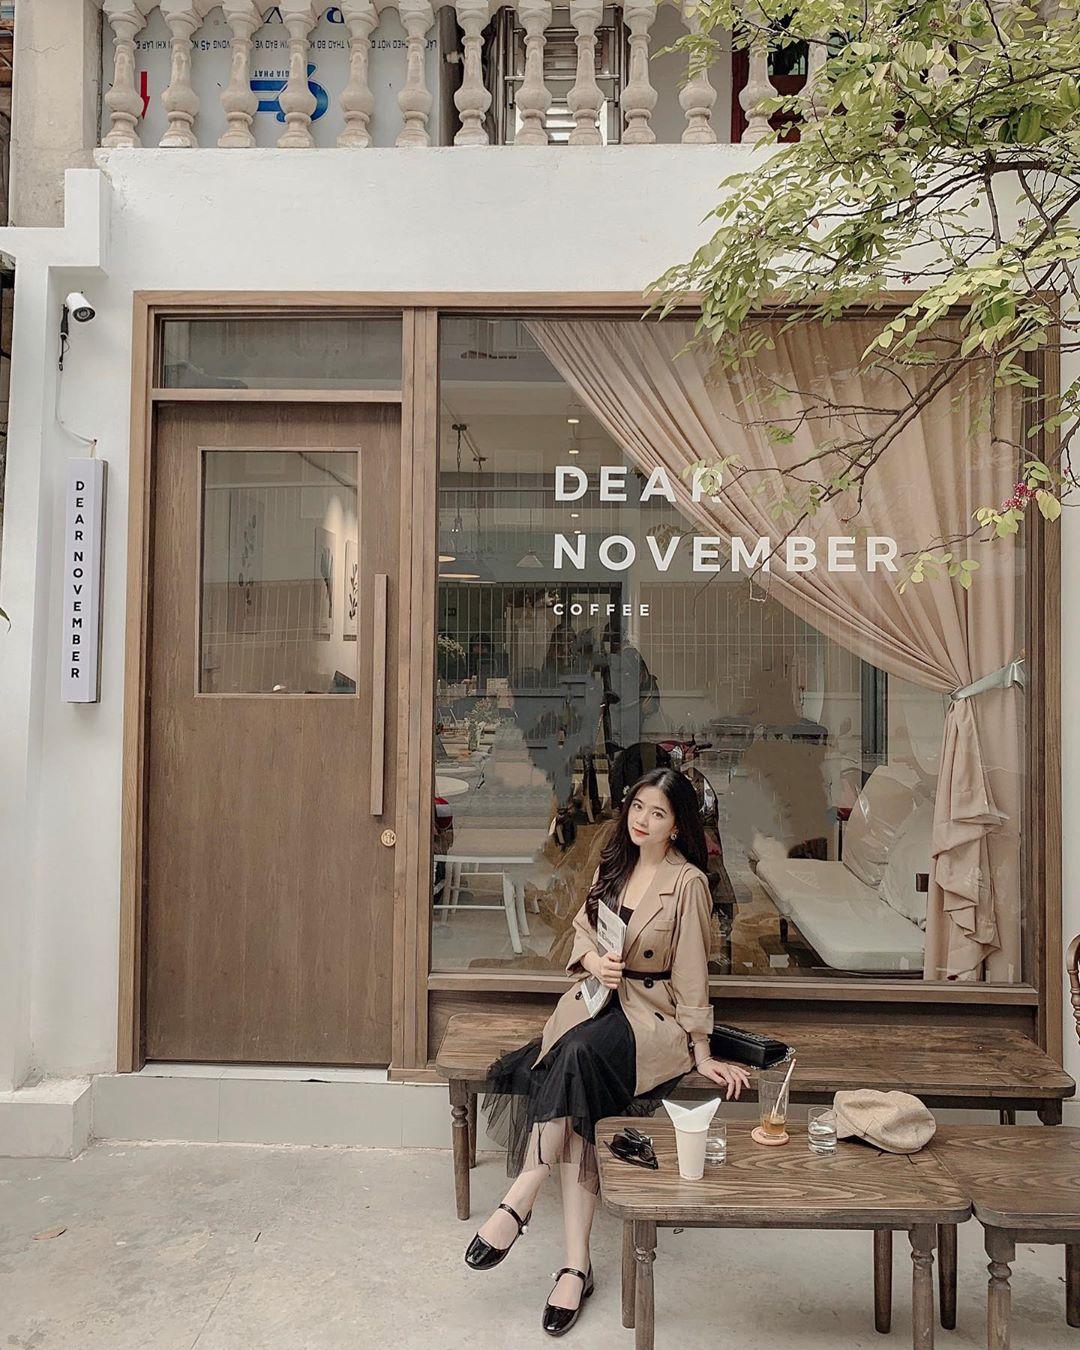 dear november